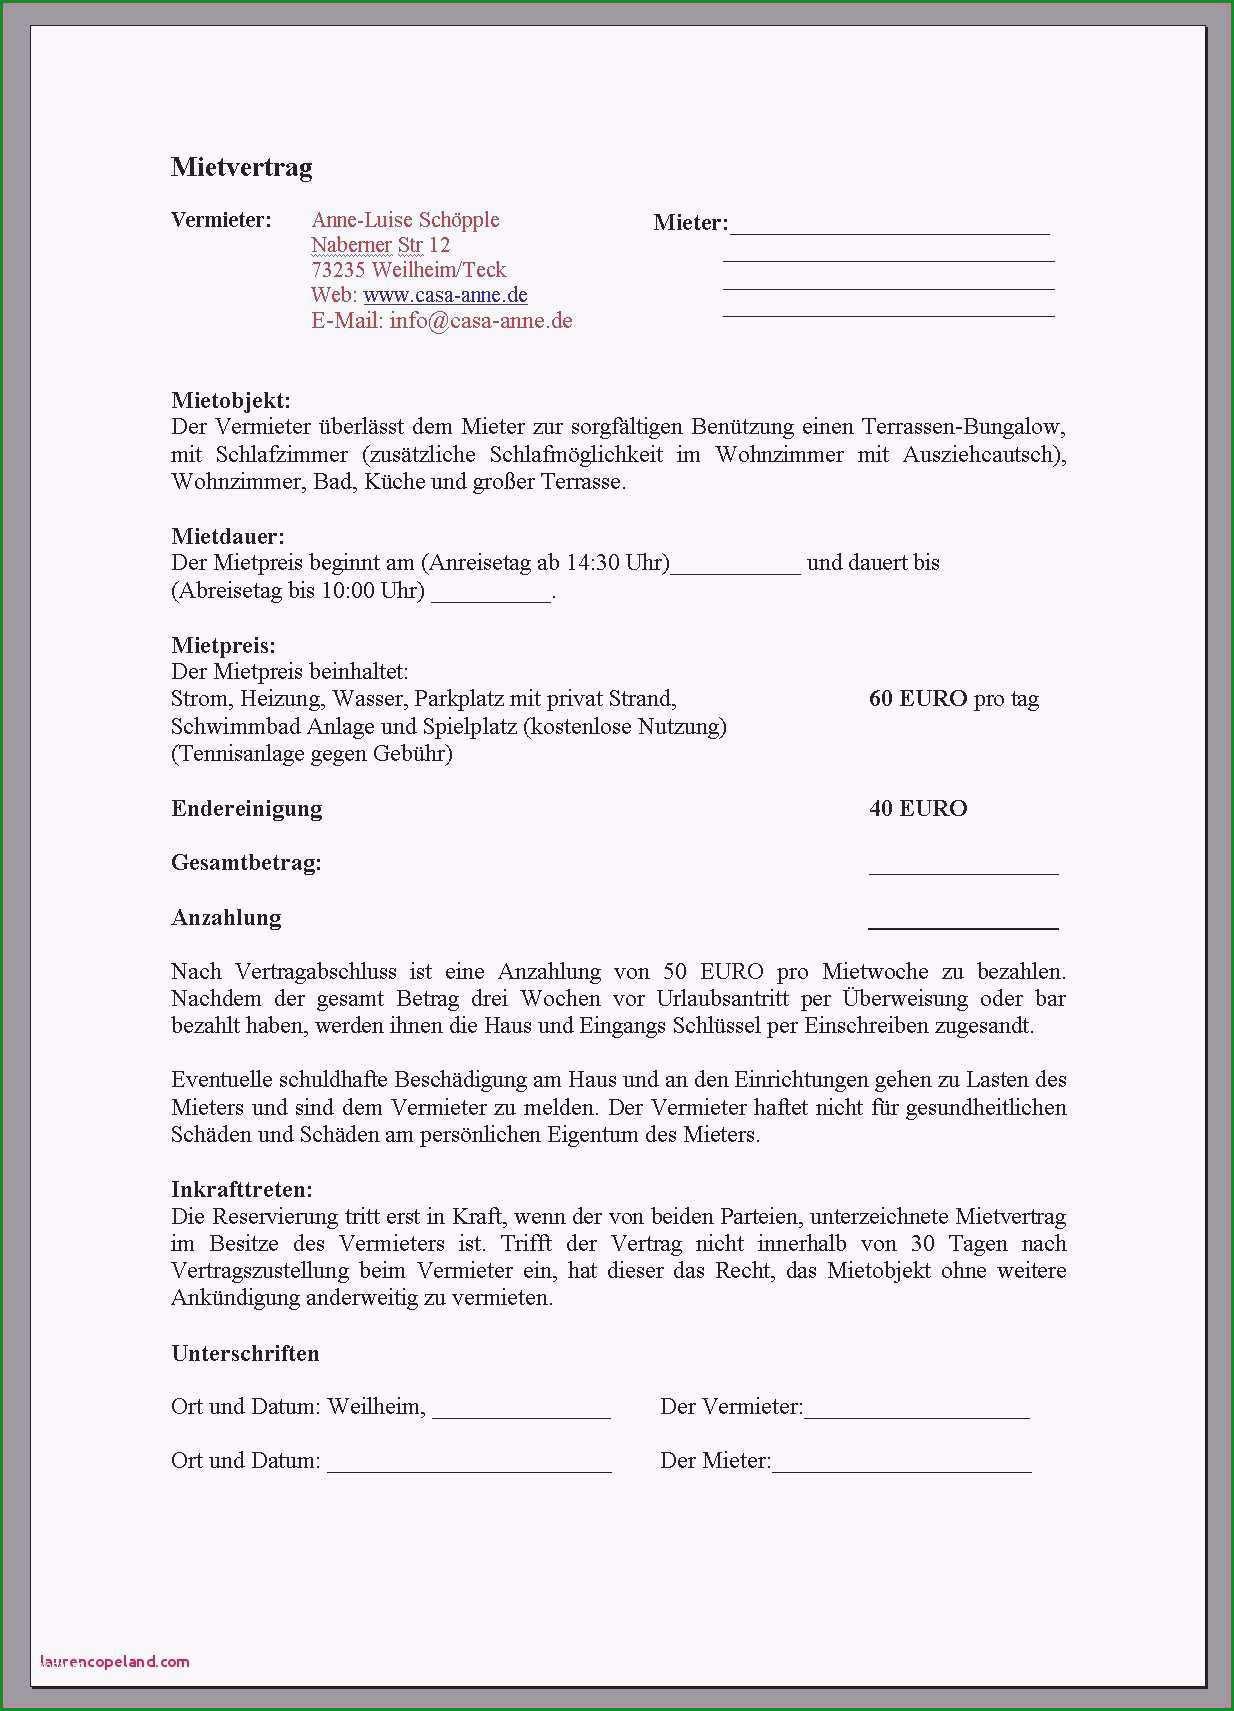 sonderkundigung dsl zu langsam vorlage 1 formular ausfuellen 2 foto machen 3 foto an pdf